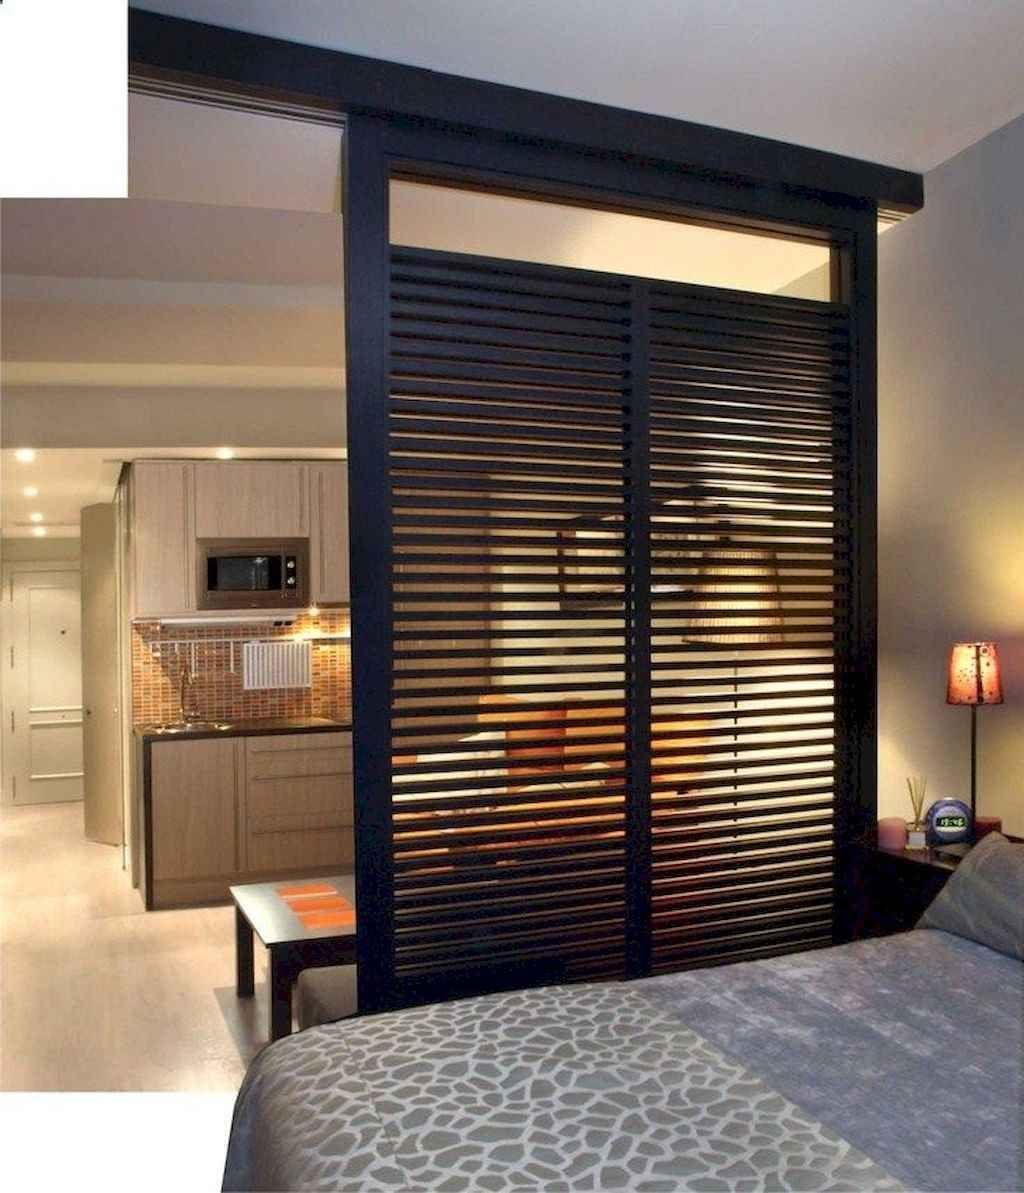 77 amazing small studio apartment decor ideas (15 images